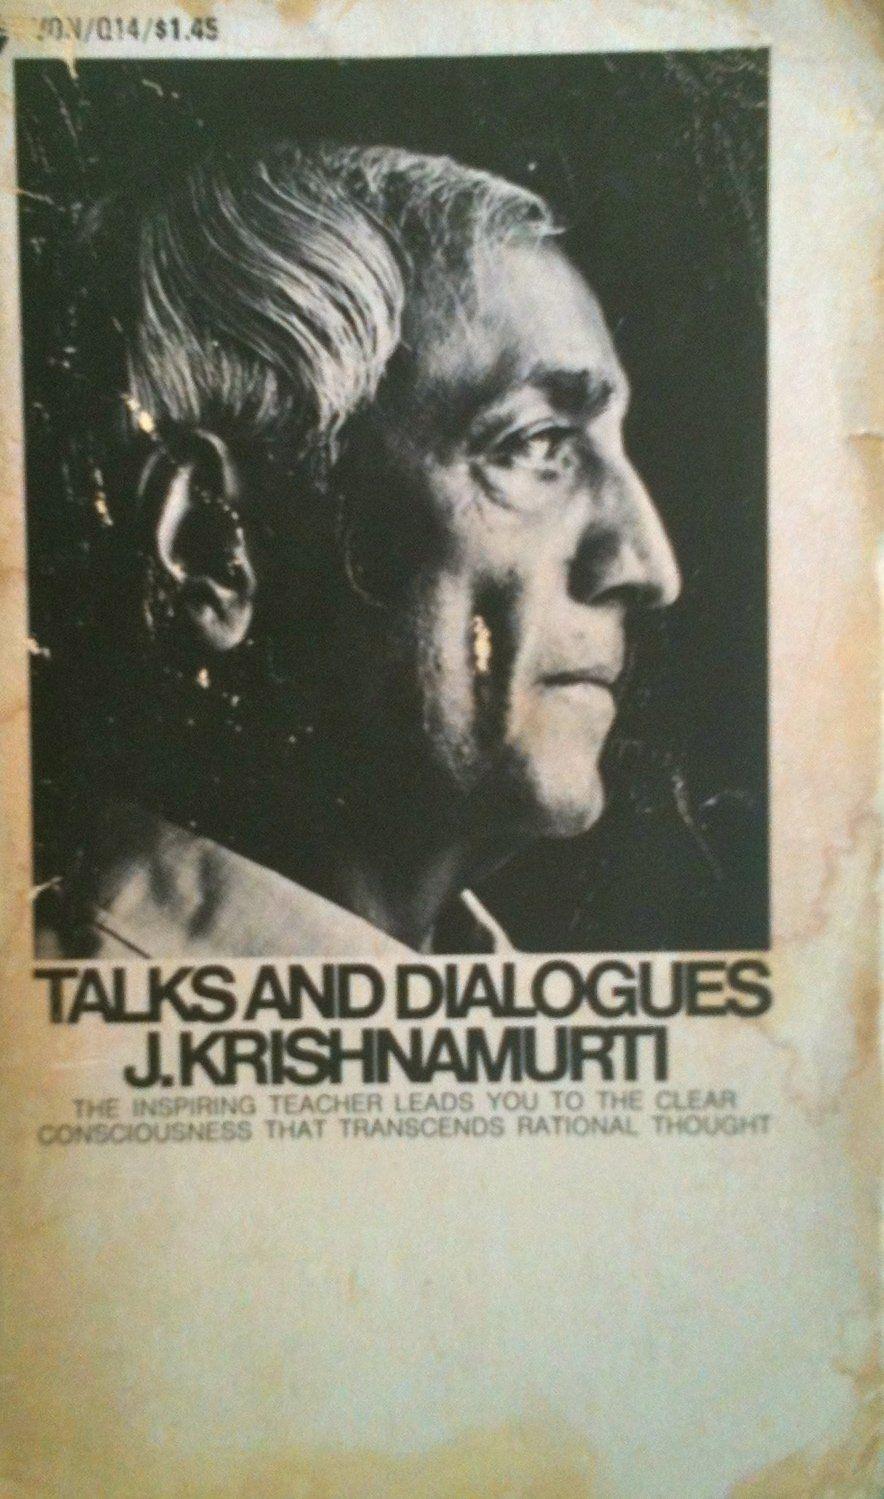 Talks And Dialogues J Krishnamurti Amazon Co Uk Krishnamurti J 9780380015733 Books In 2020 Kindle Reading Avon Books Book Publication